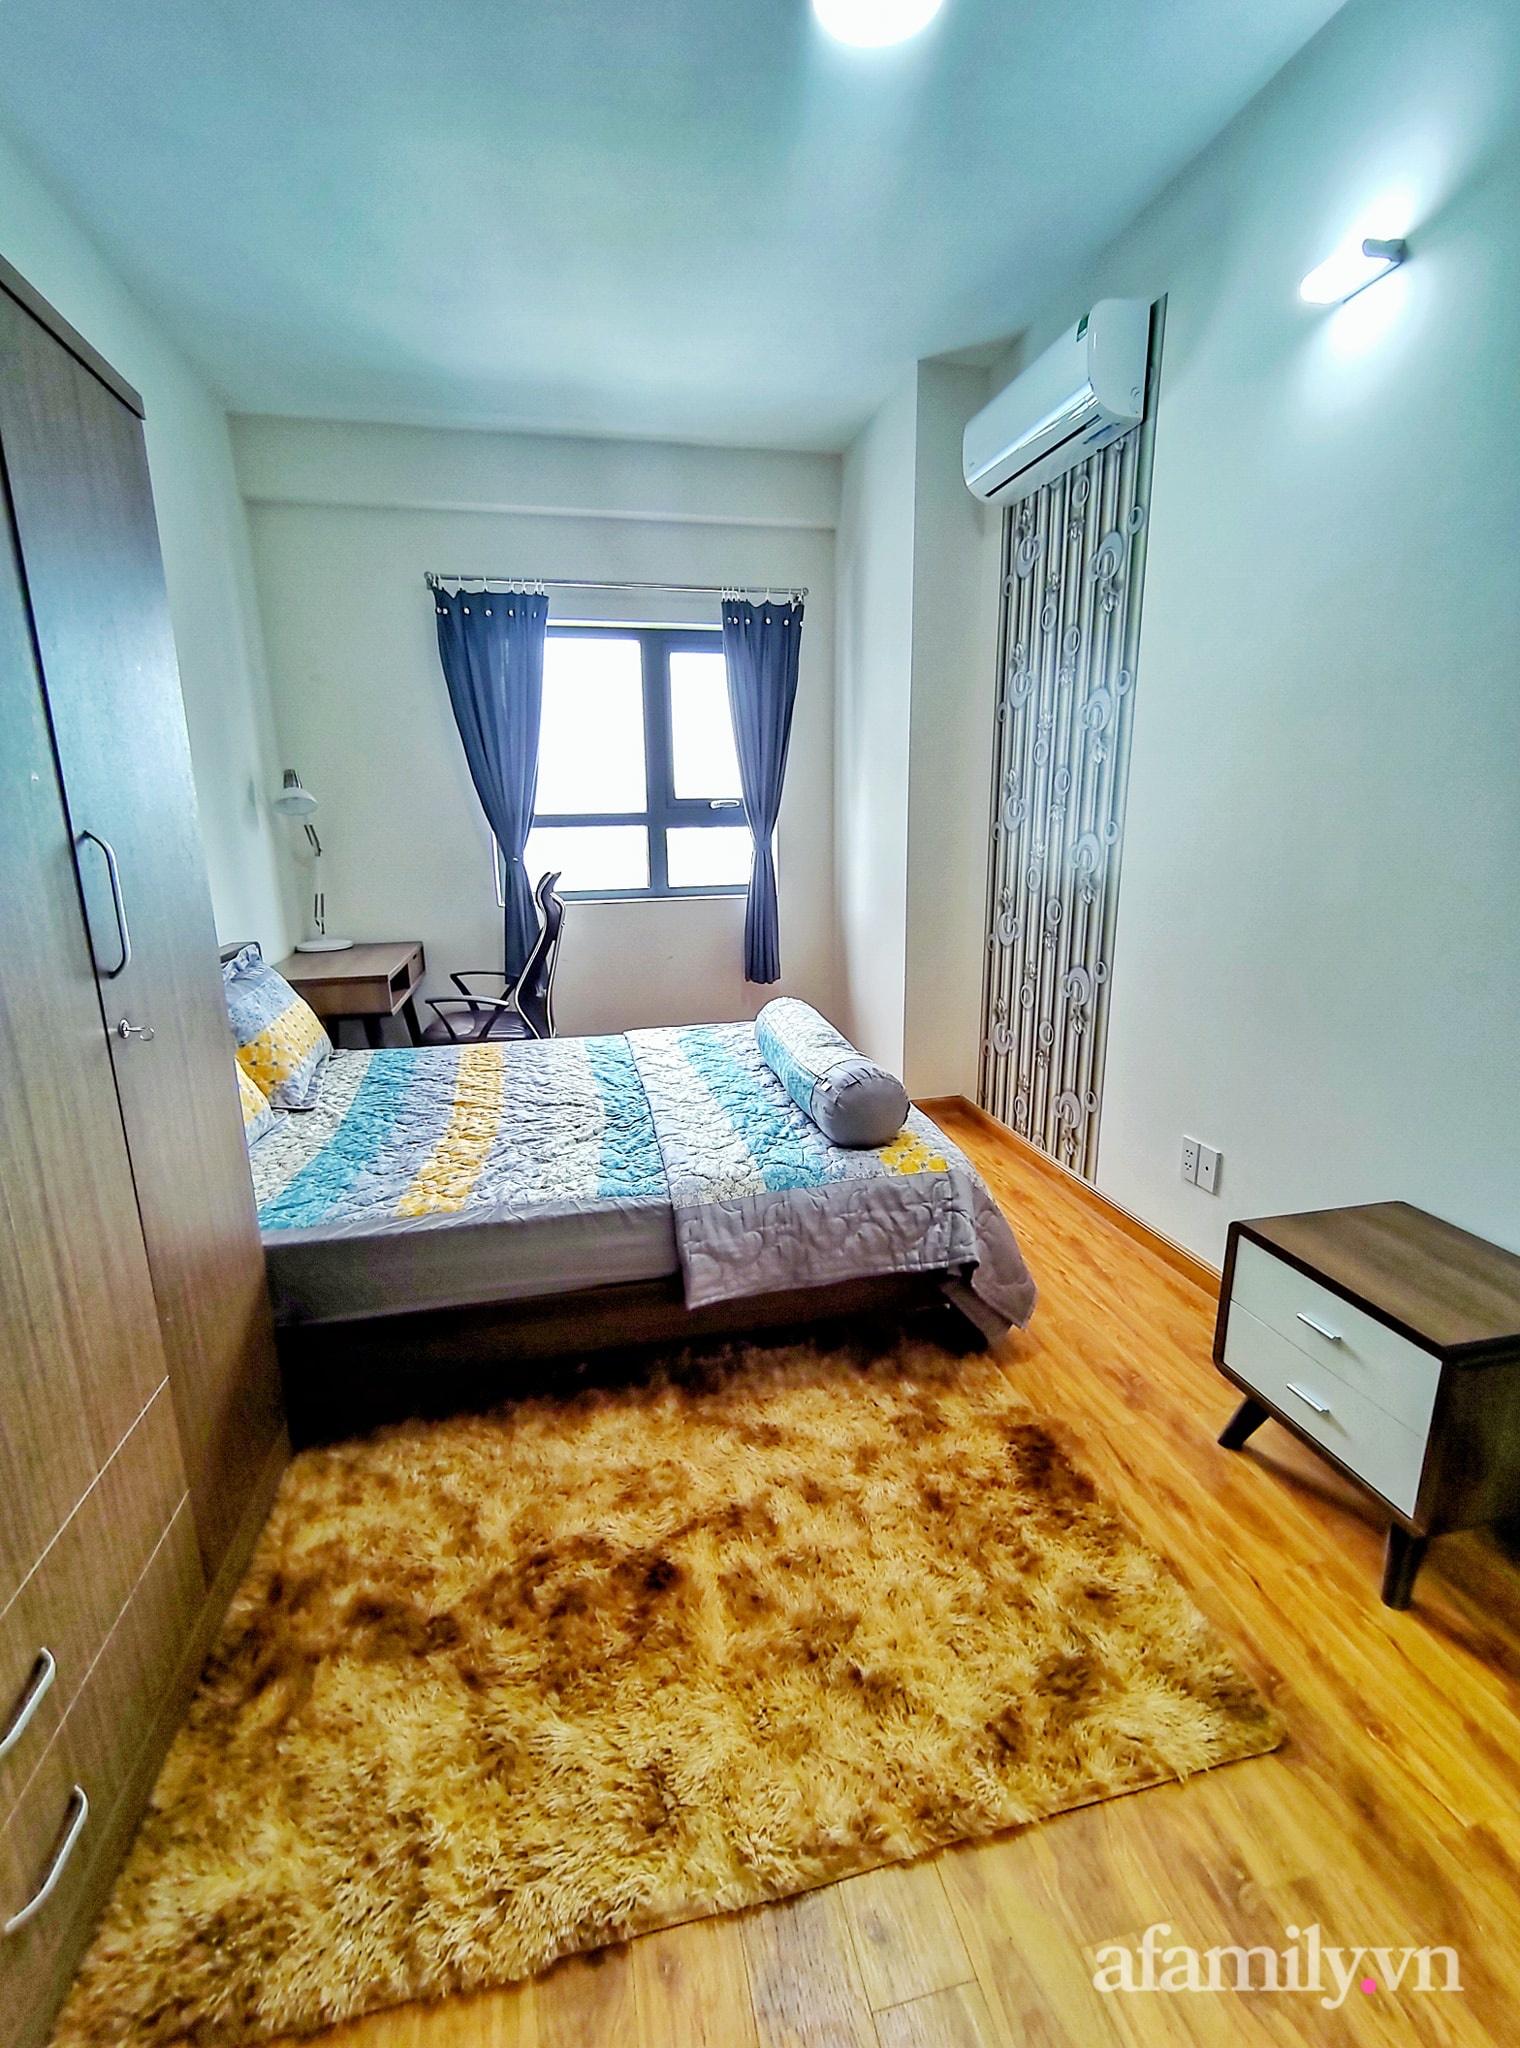 Căn hộ 70m² xanh tươi và ngập tràn ánh sáng với tổng chi phí đầu tư chỉ 46 triệu đồng của chàng trai độc thân ở Sài Gòn - Ảnh 6.